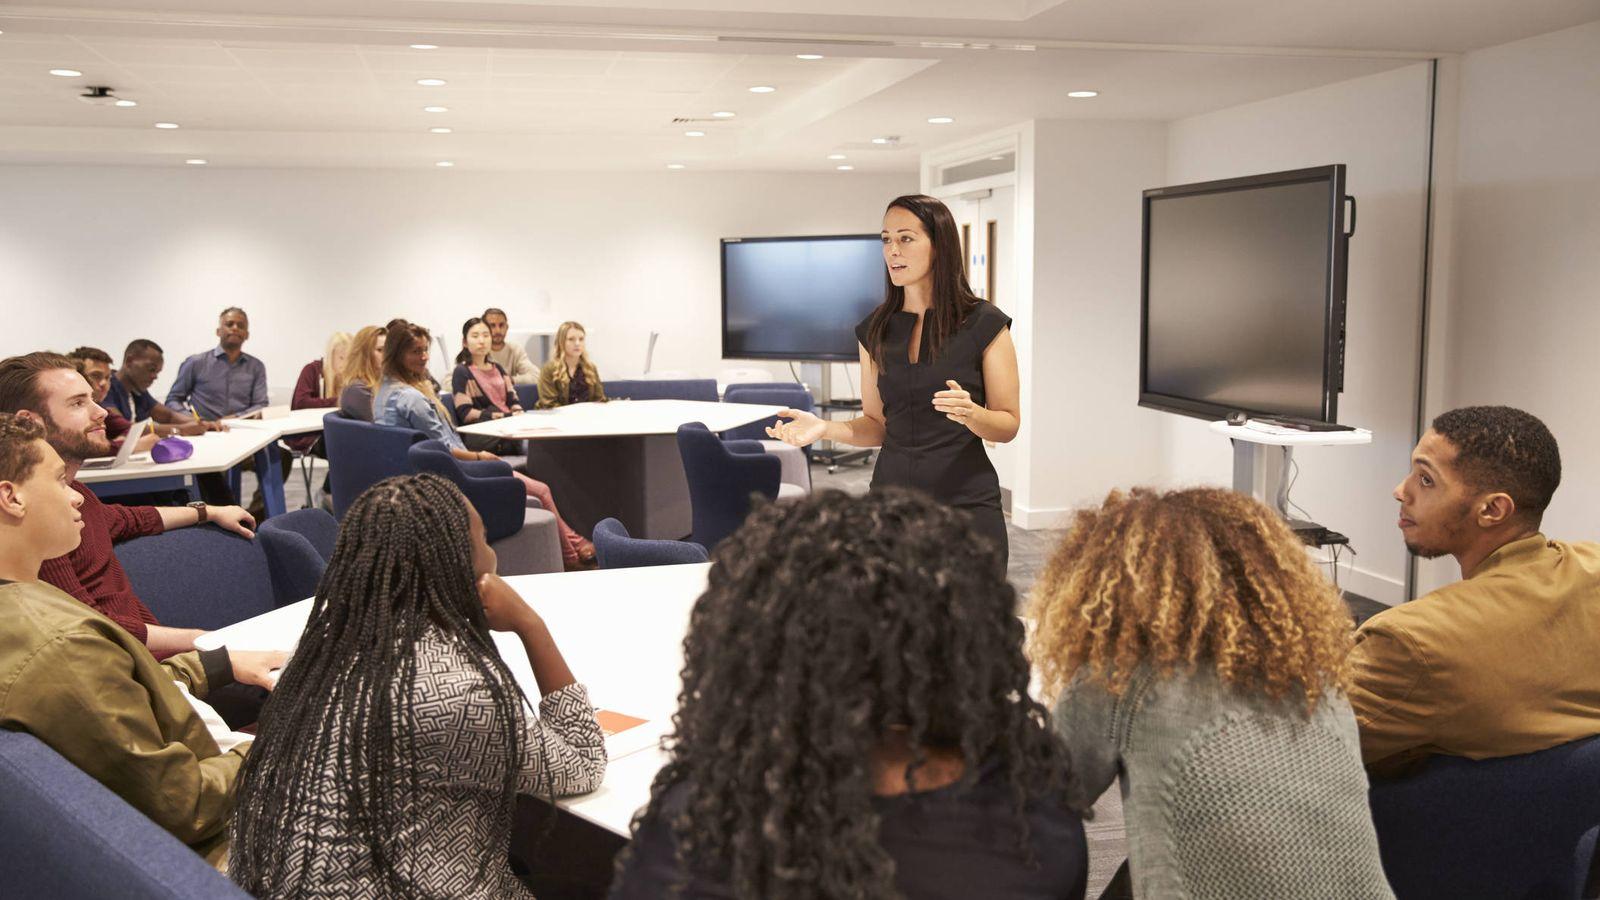 Foto: La educación continúa en la edad adulta. (iStock)